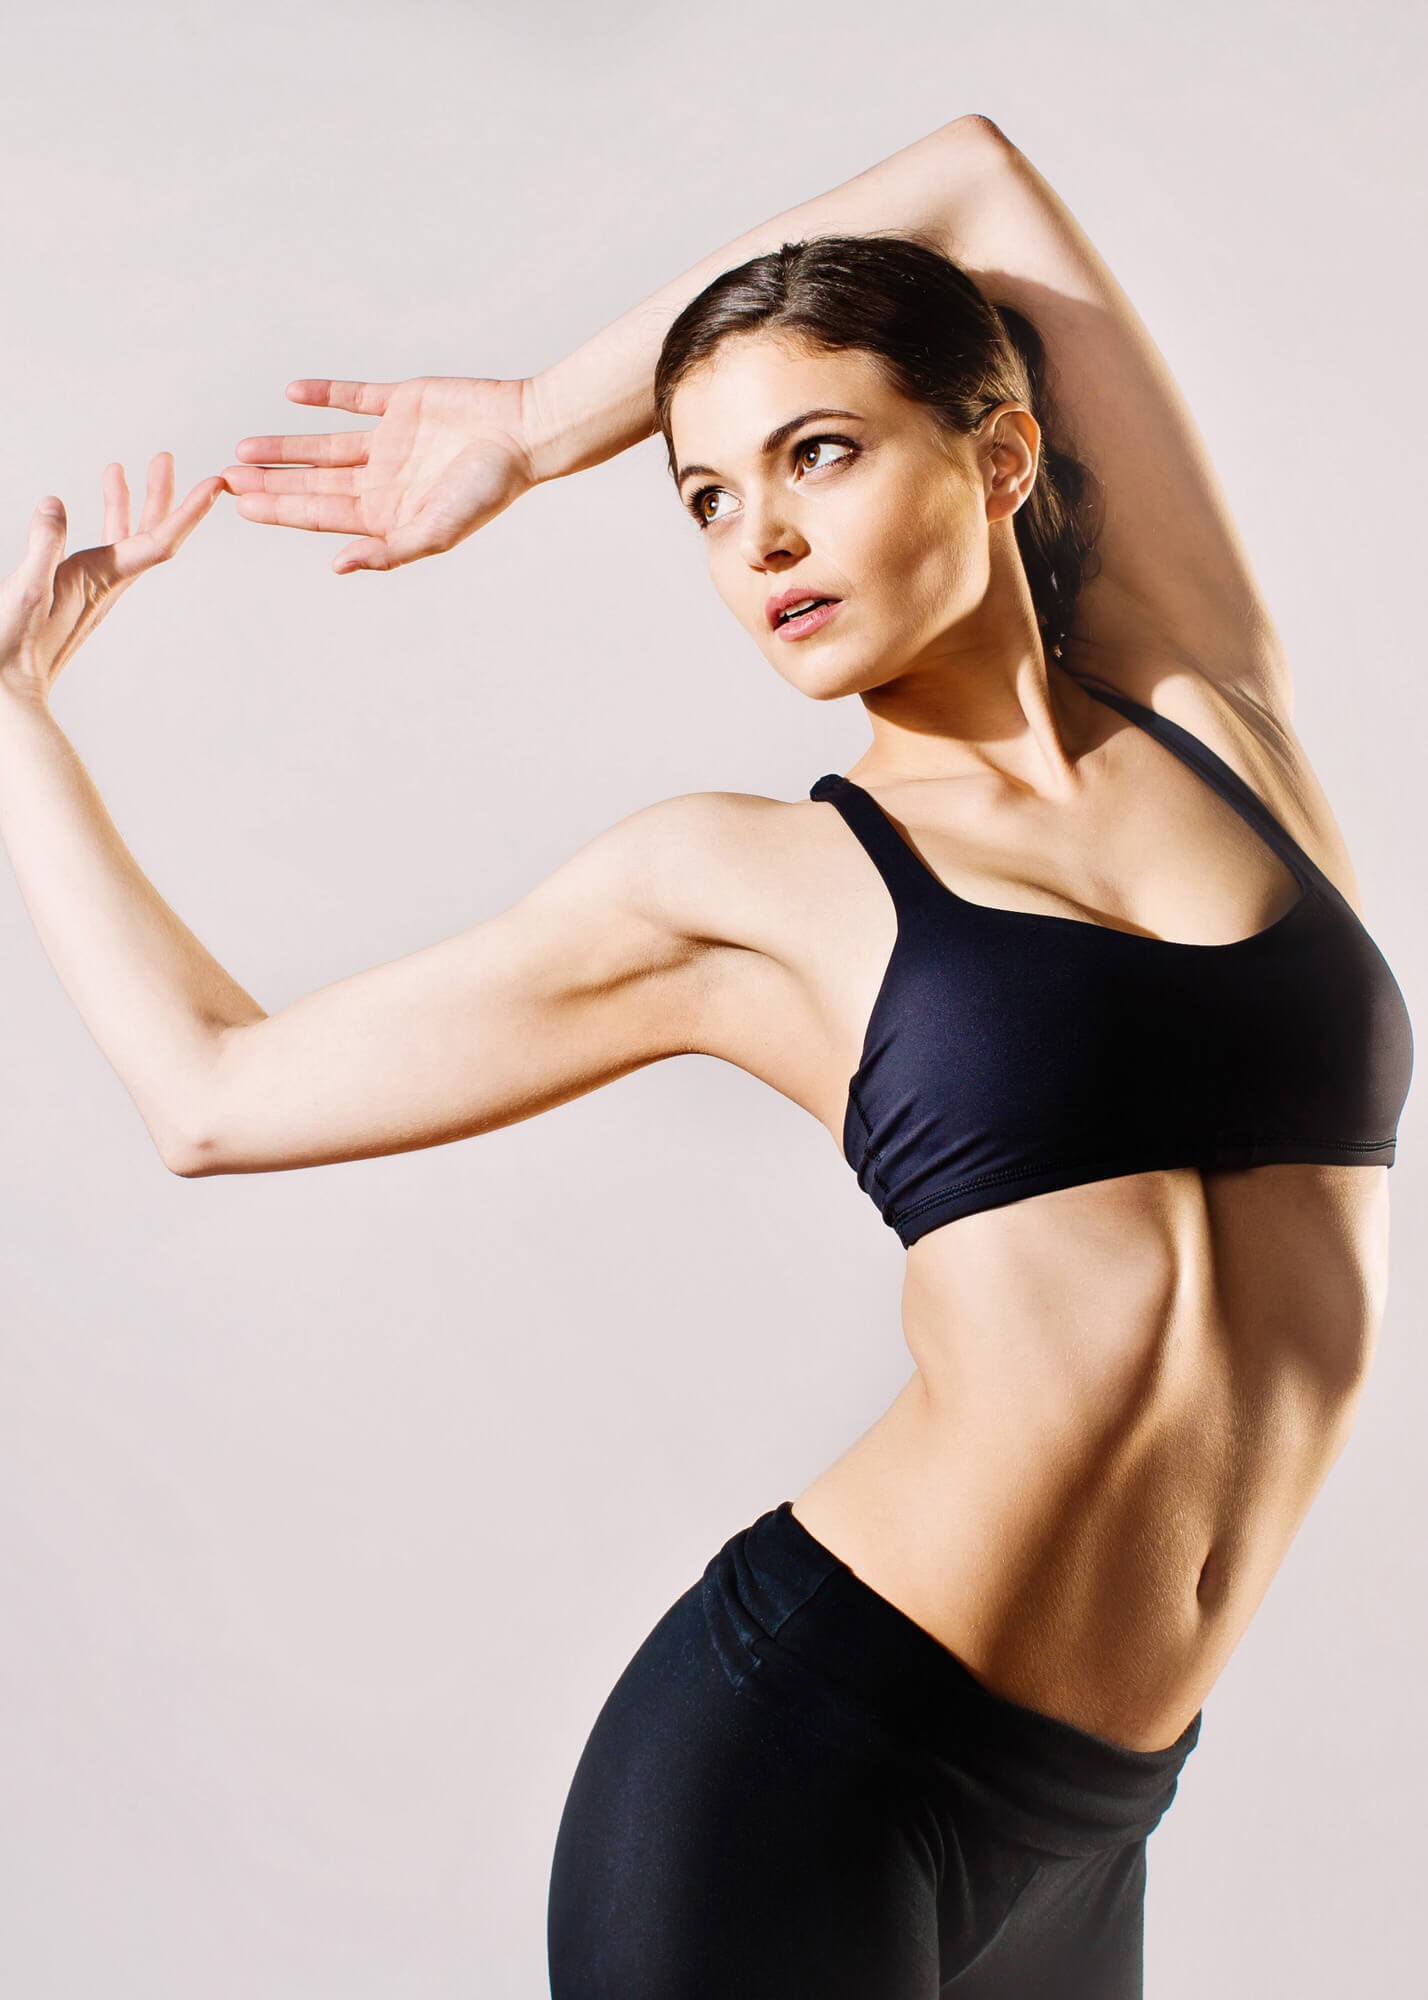 Fitness model in dance pose